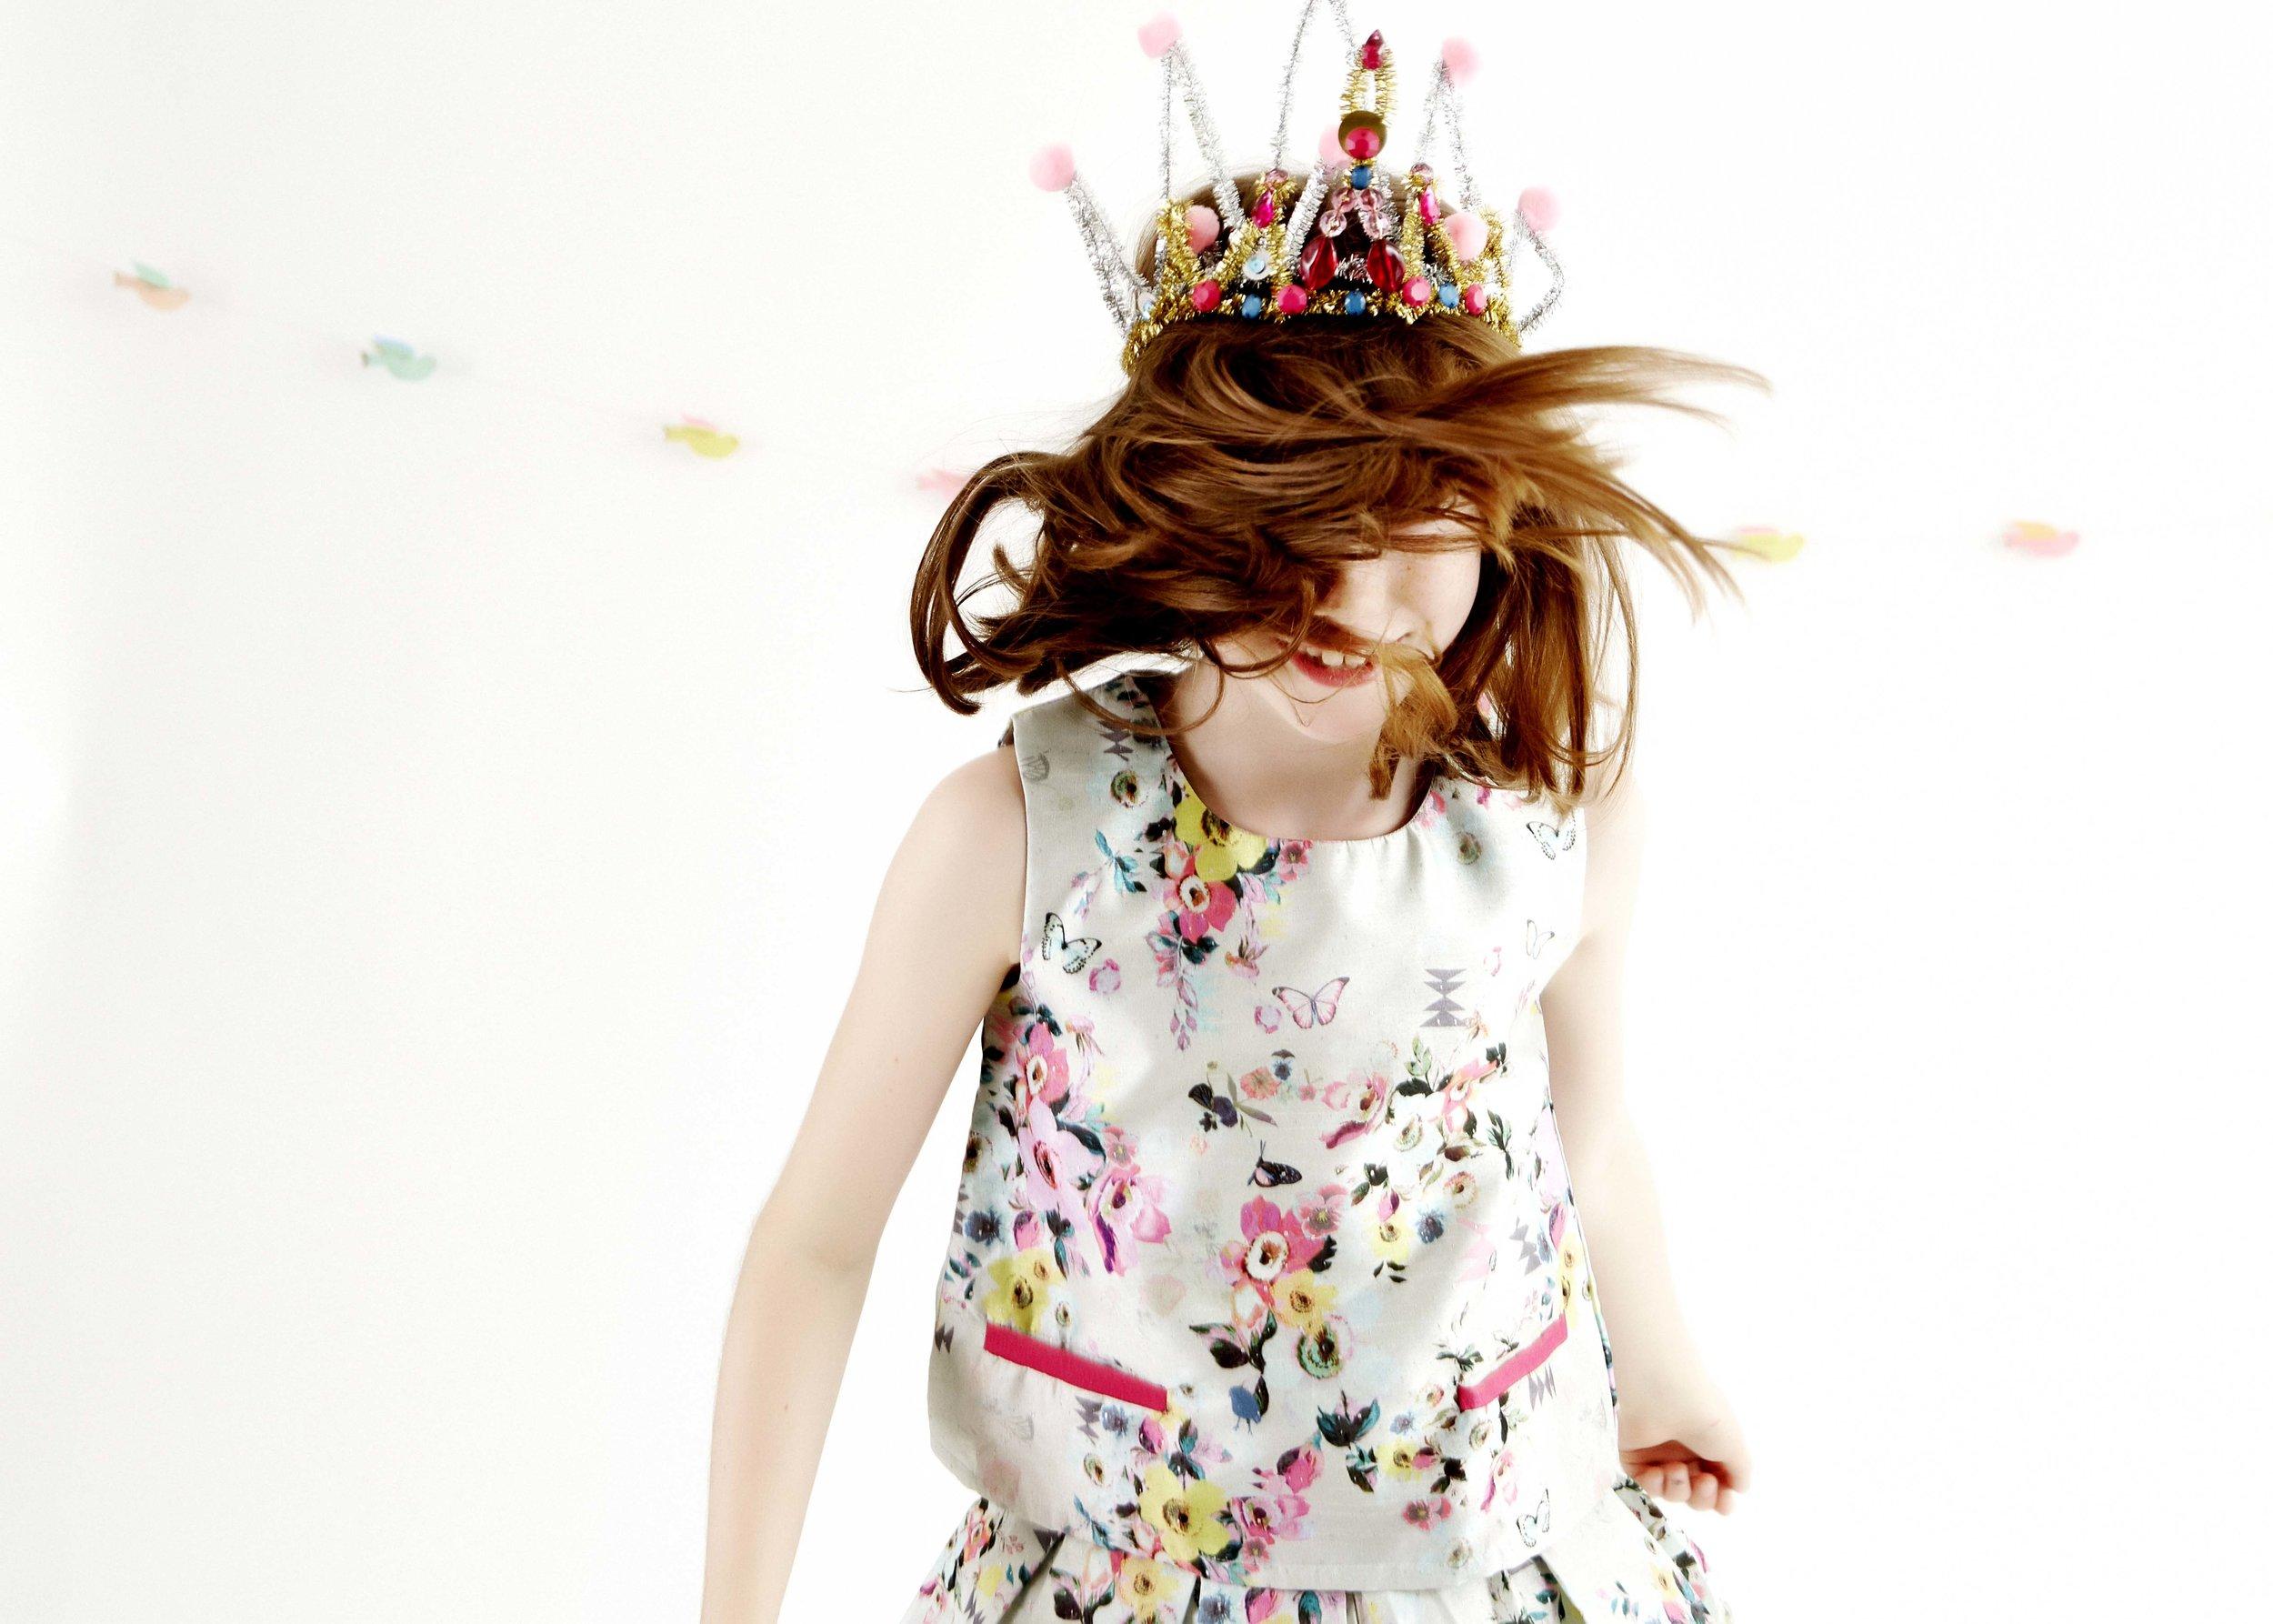 Liz_Cooper_Interior_Stylist_Styling_Kids_Fashion_Hair.jpg